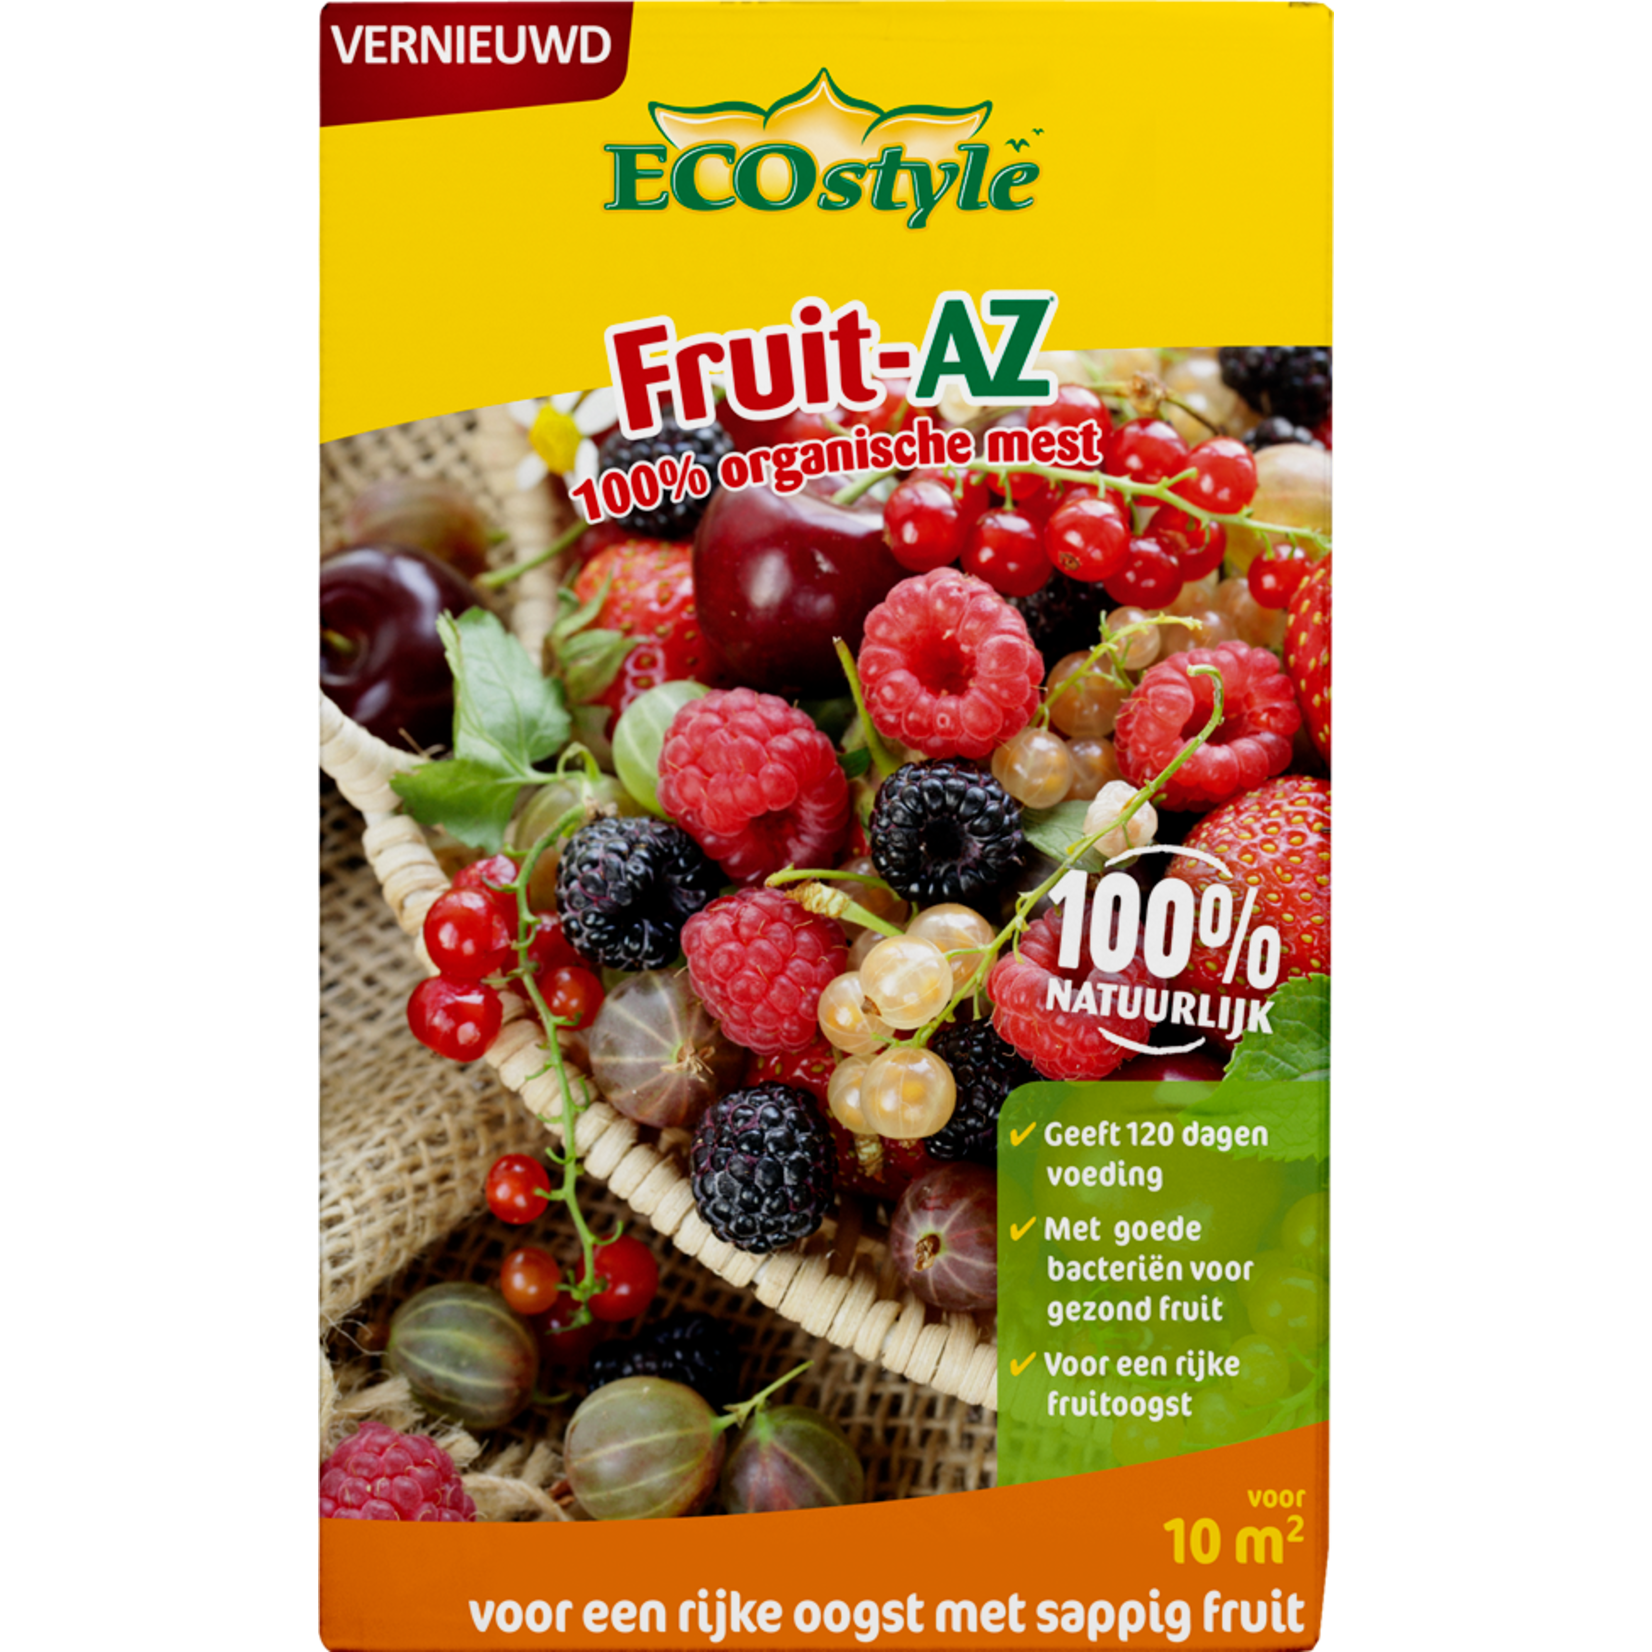 Ecostyle Fruit-az 800g